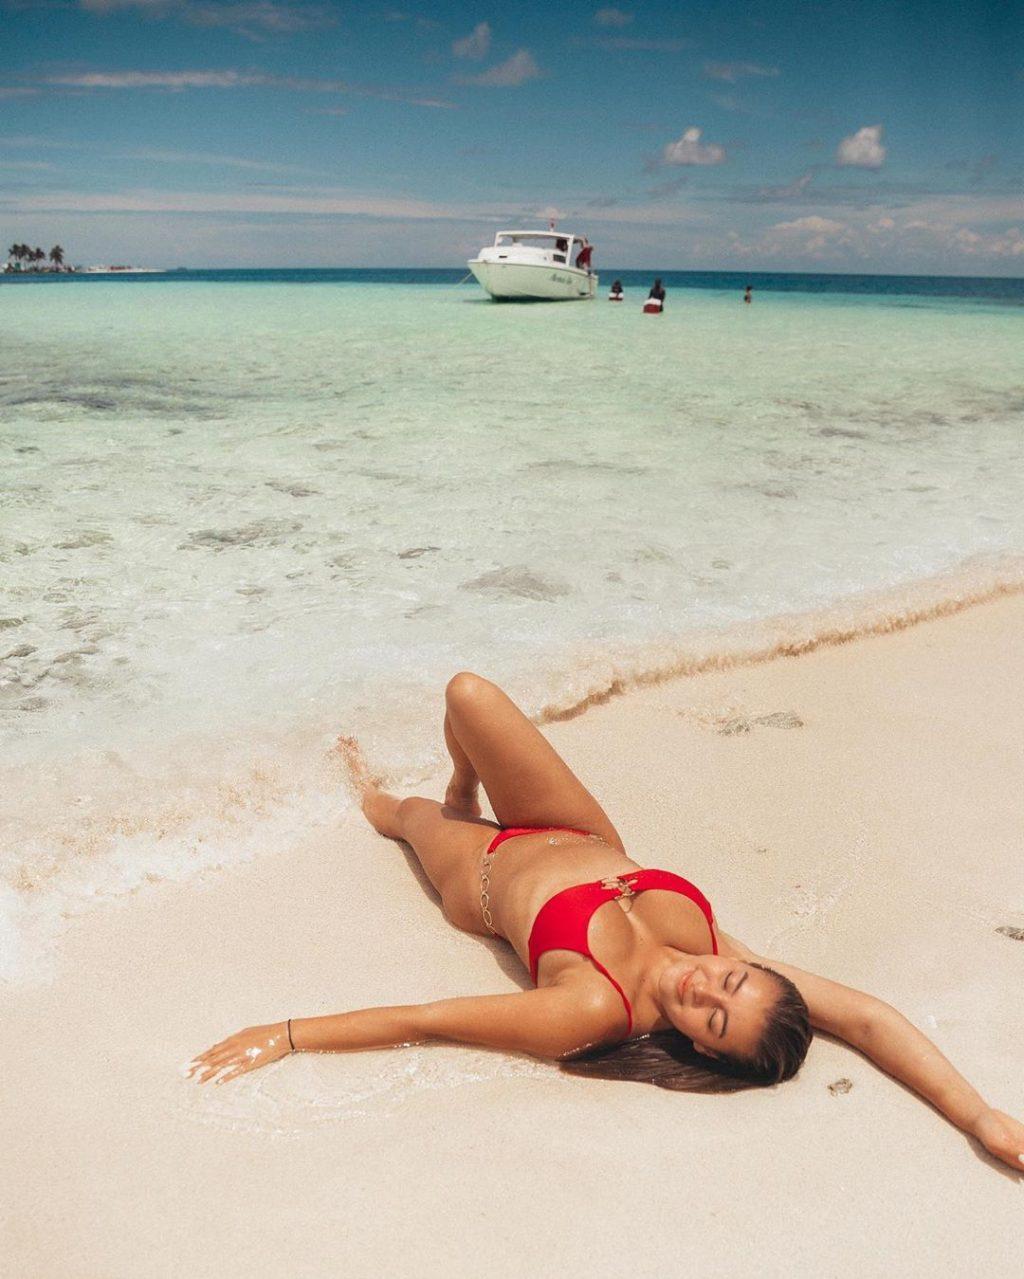 Kalani Hilliker Sexy (48 Photos)